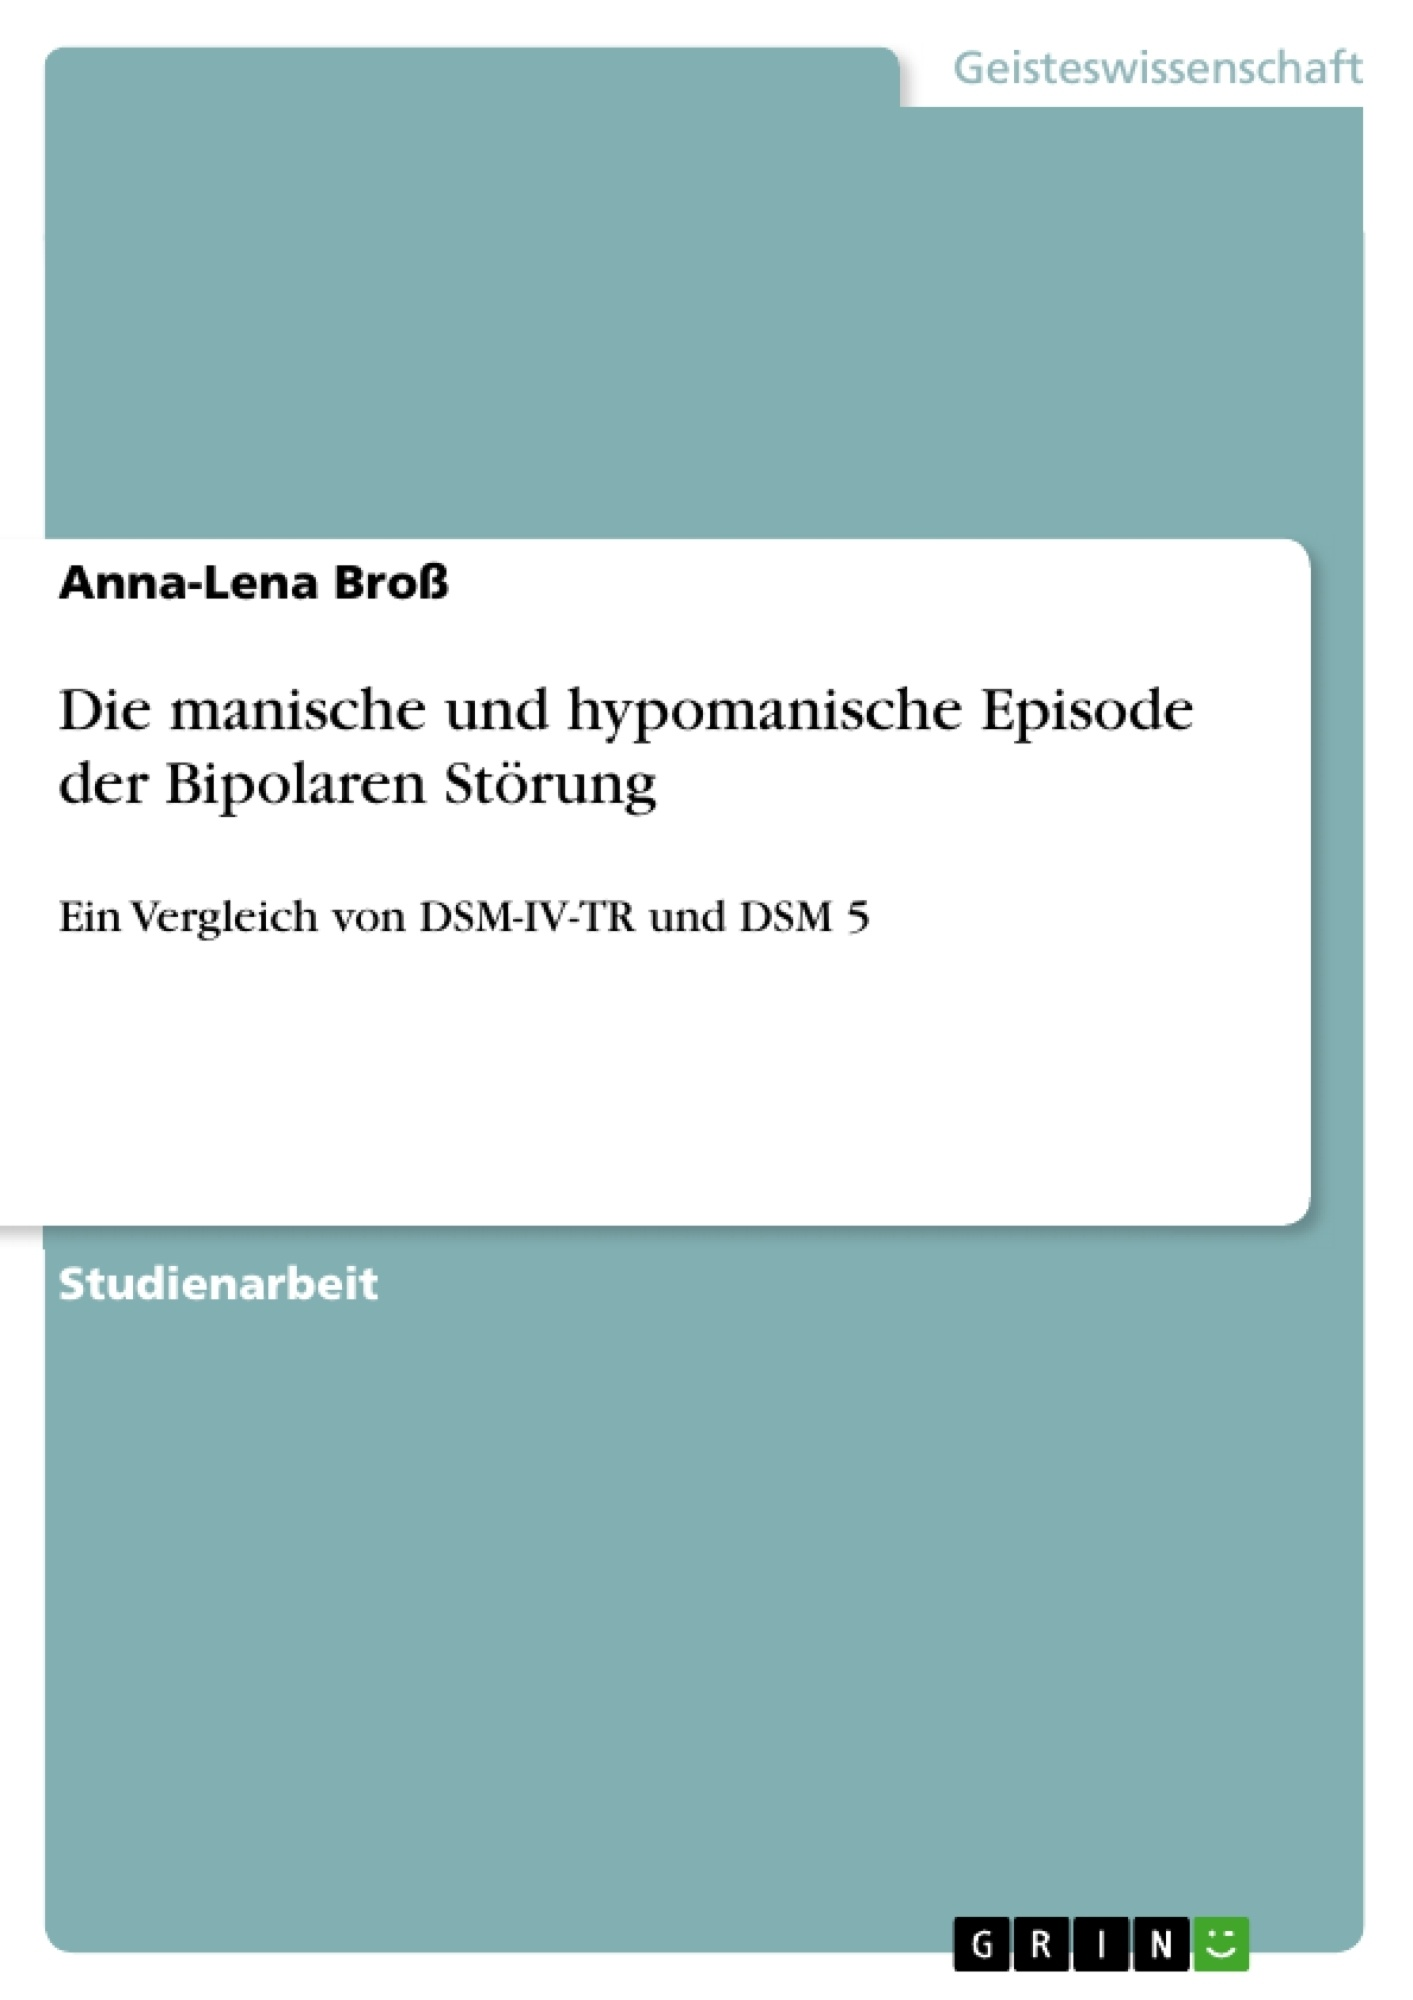 Titel: Die manische und hypomanische Episode der Bipolaren Störung